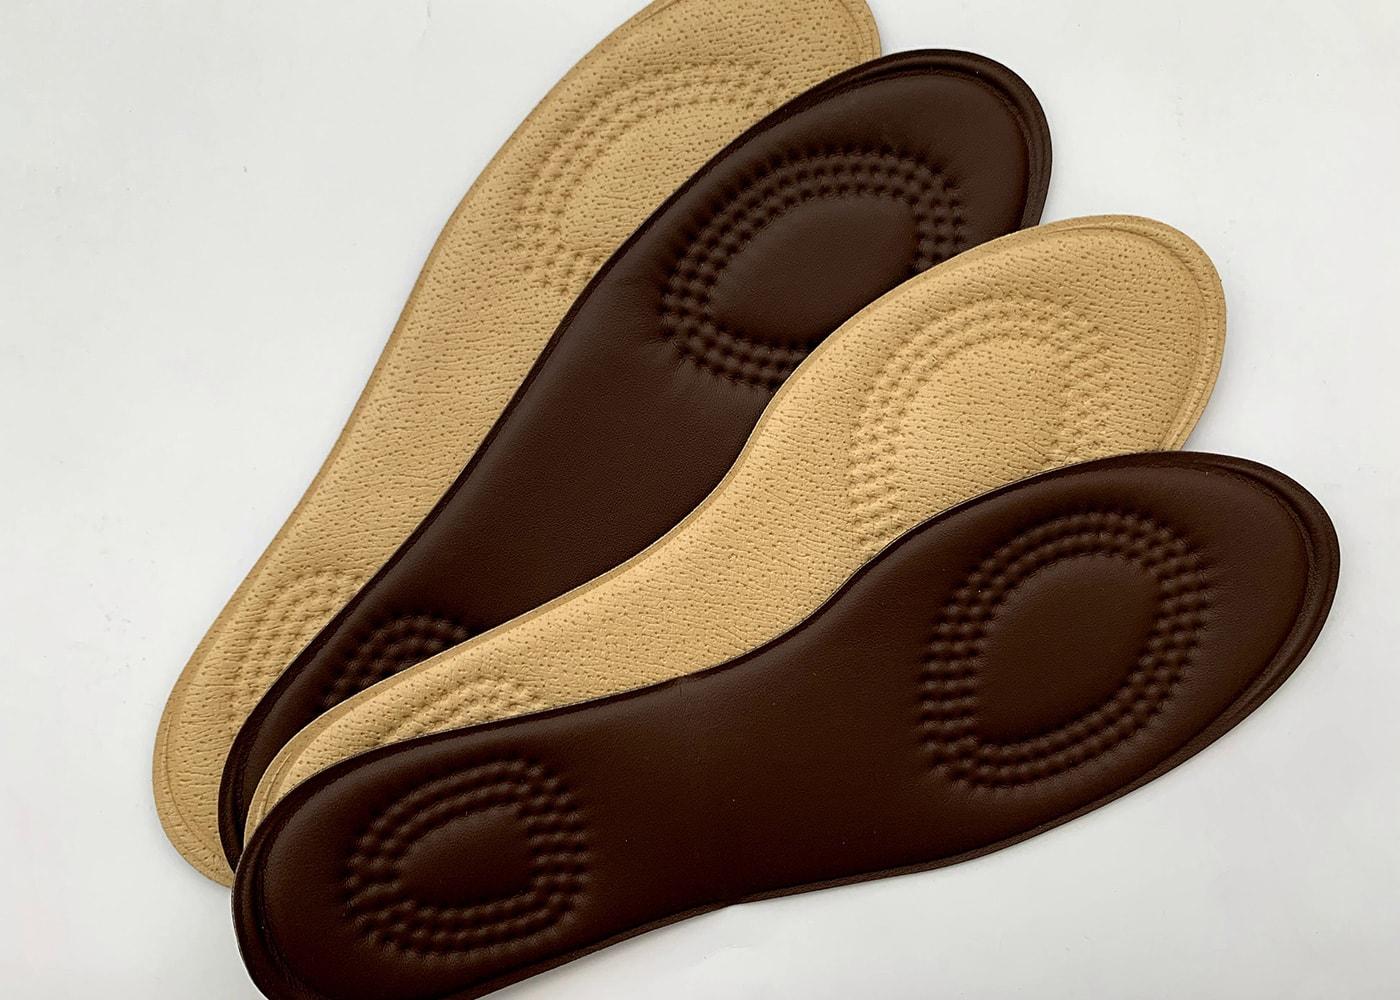 bizeta-lavorazioni-calzaturiero-01